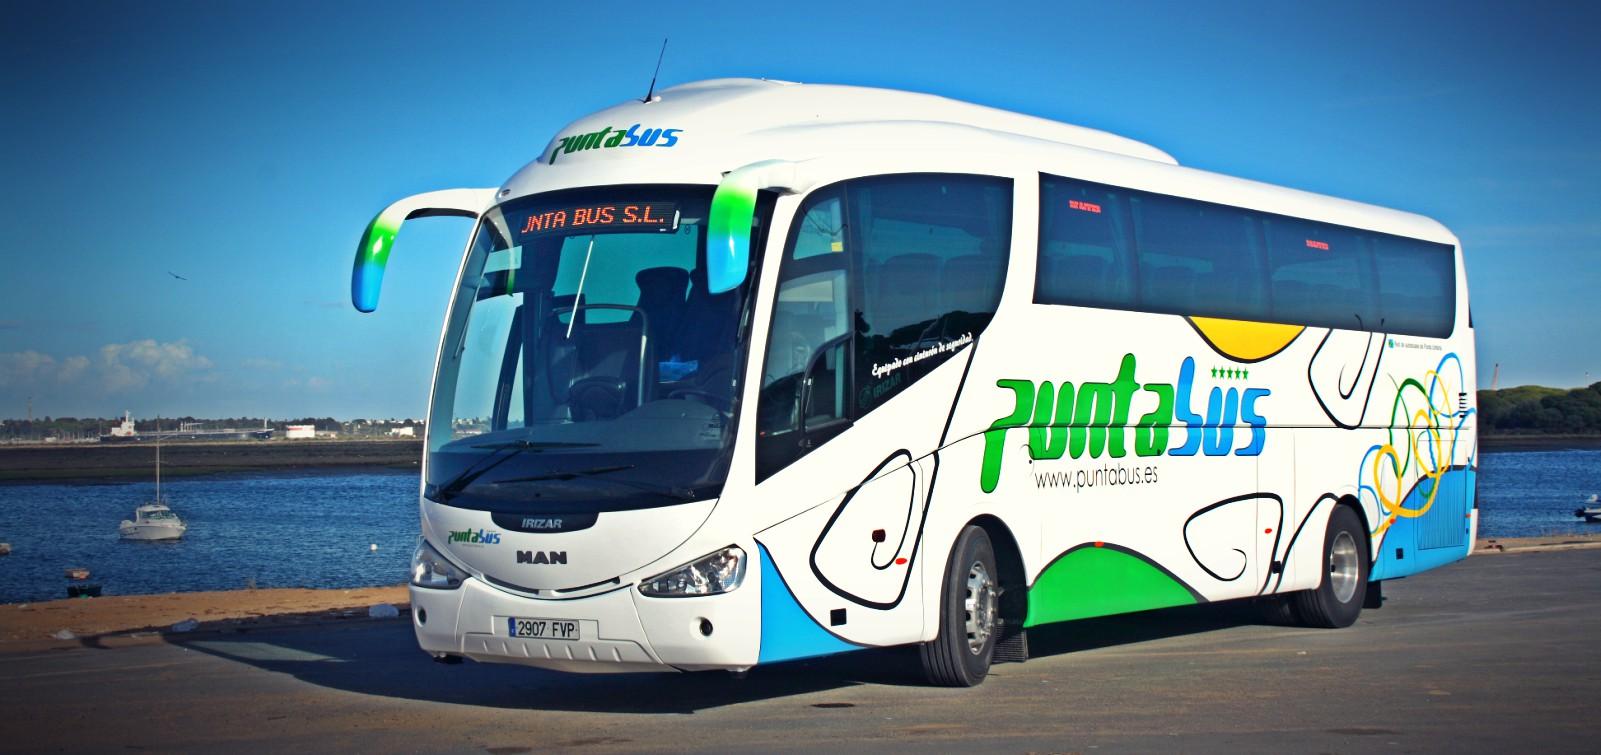 Puntabus Punta Umbria turismo autobuses hotel